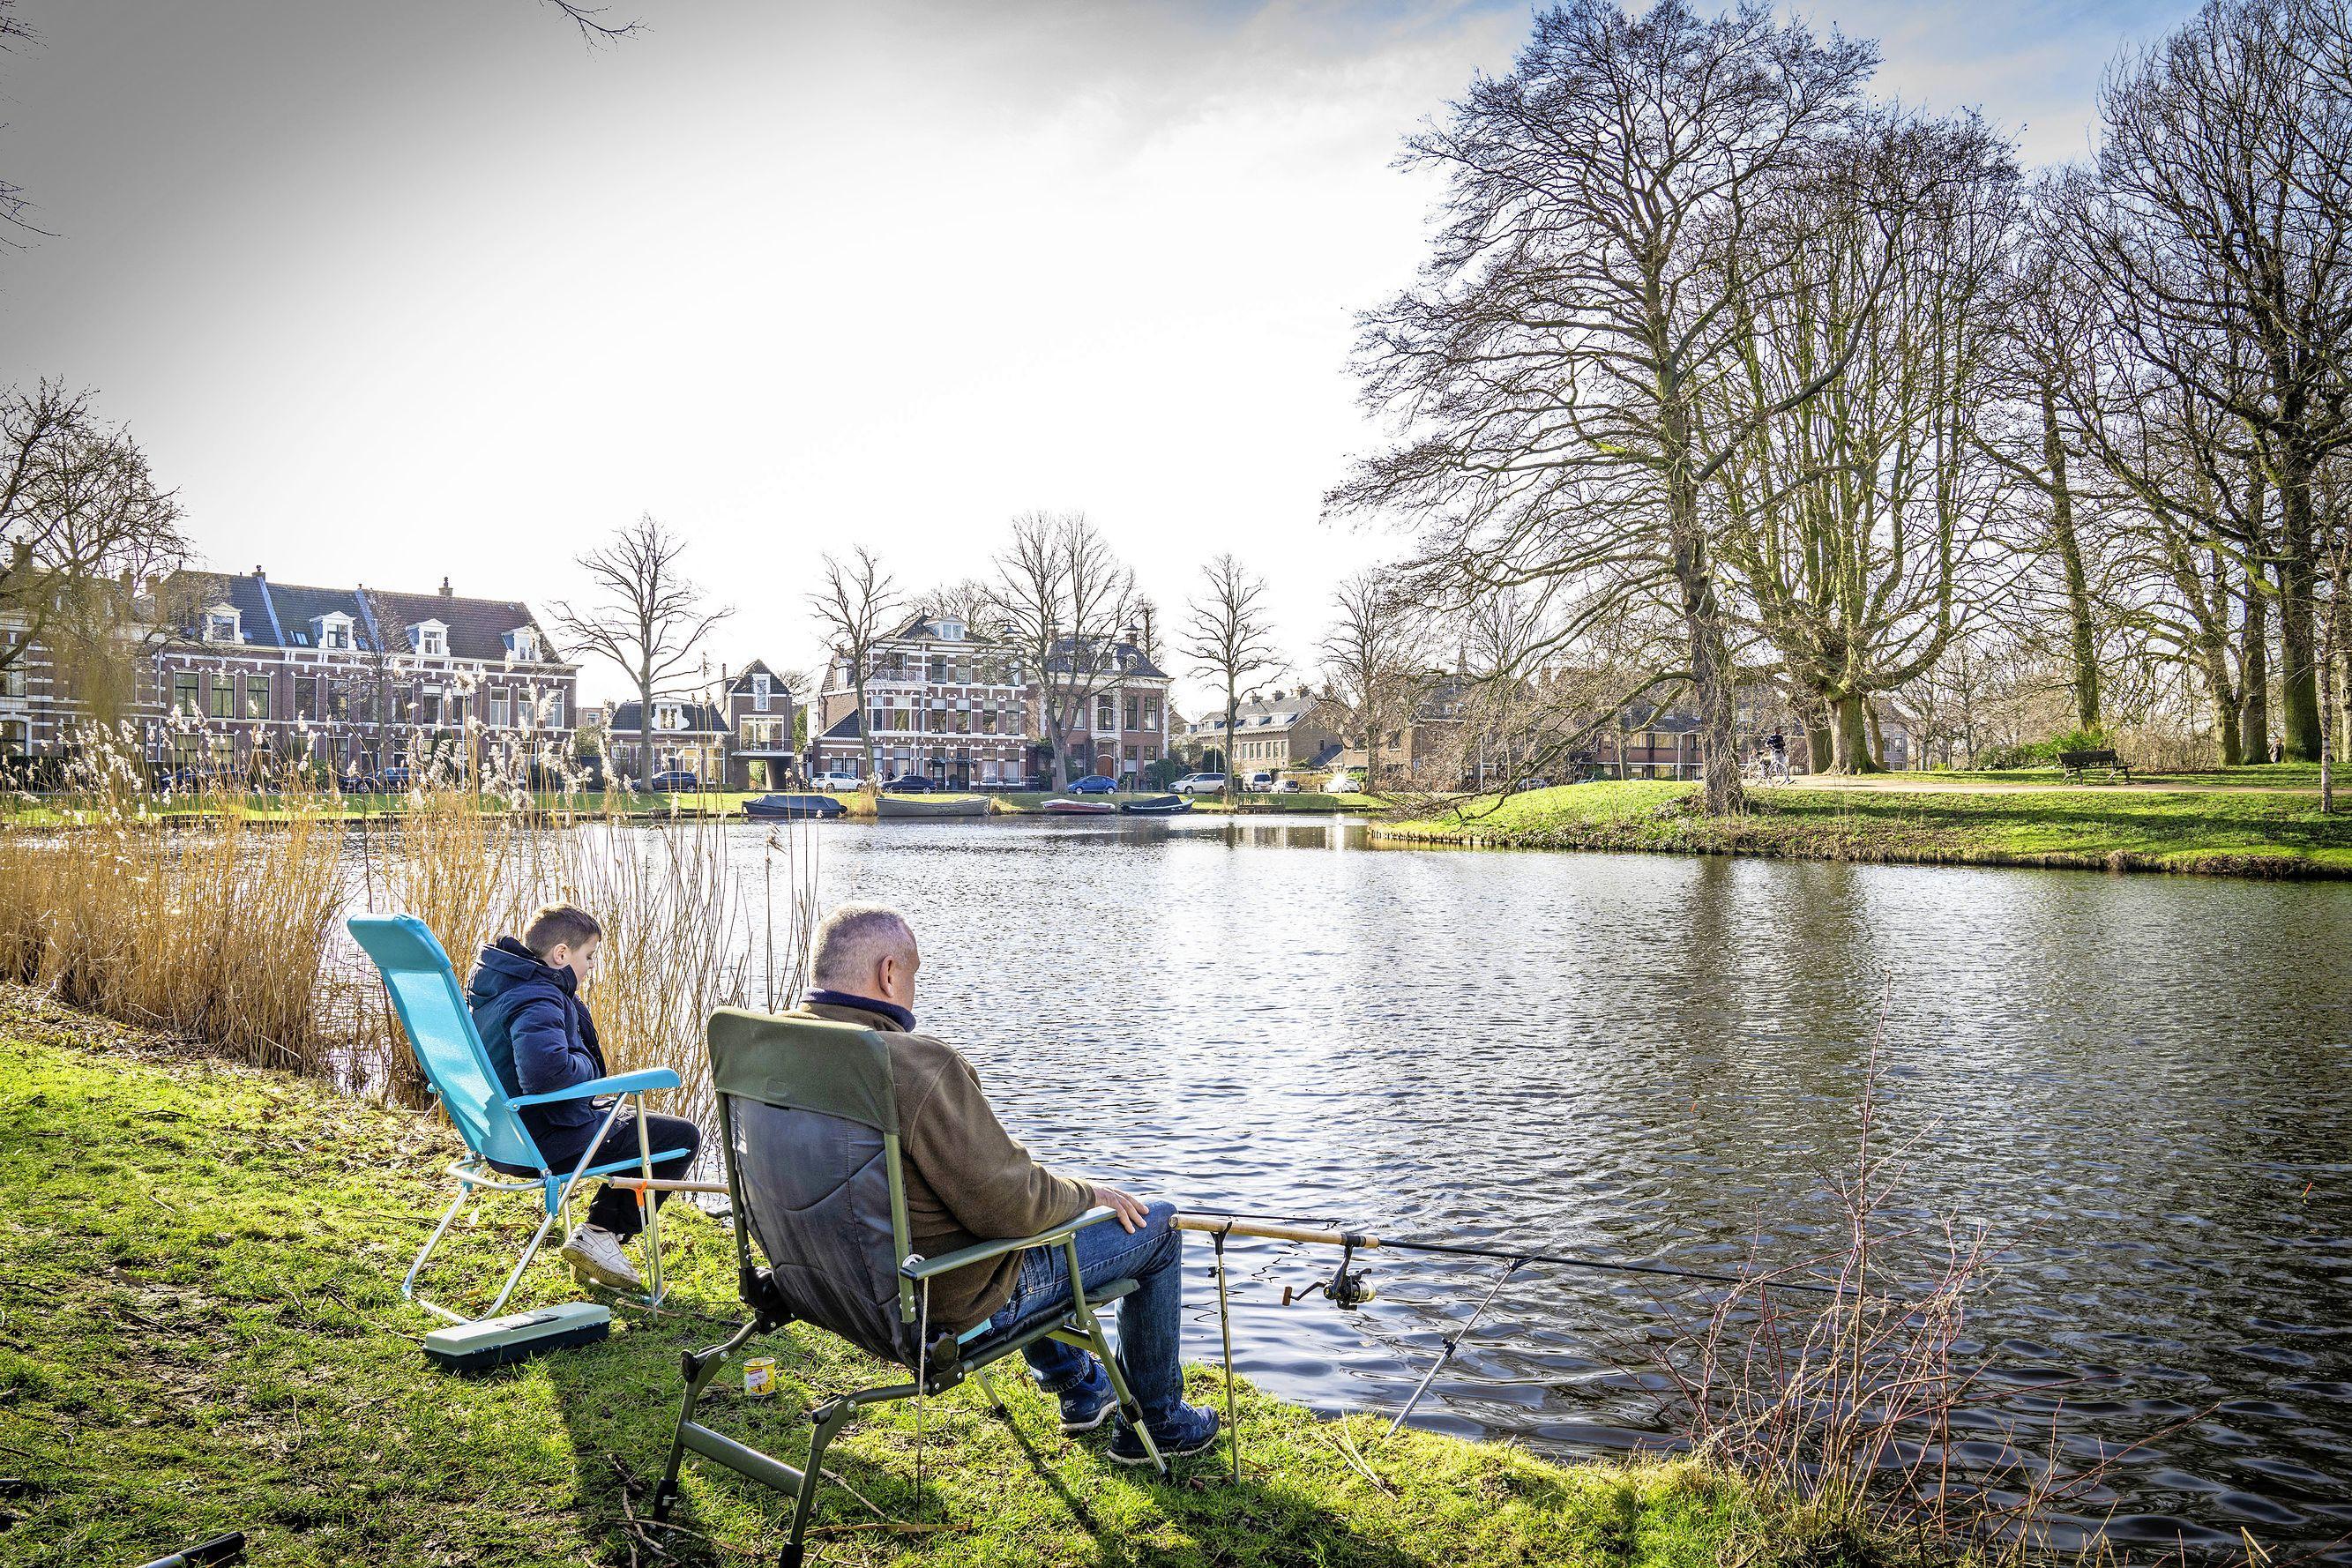 Geen schaatsers en ijs meer in centrum Leiden, maar vissers, zon en warmte